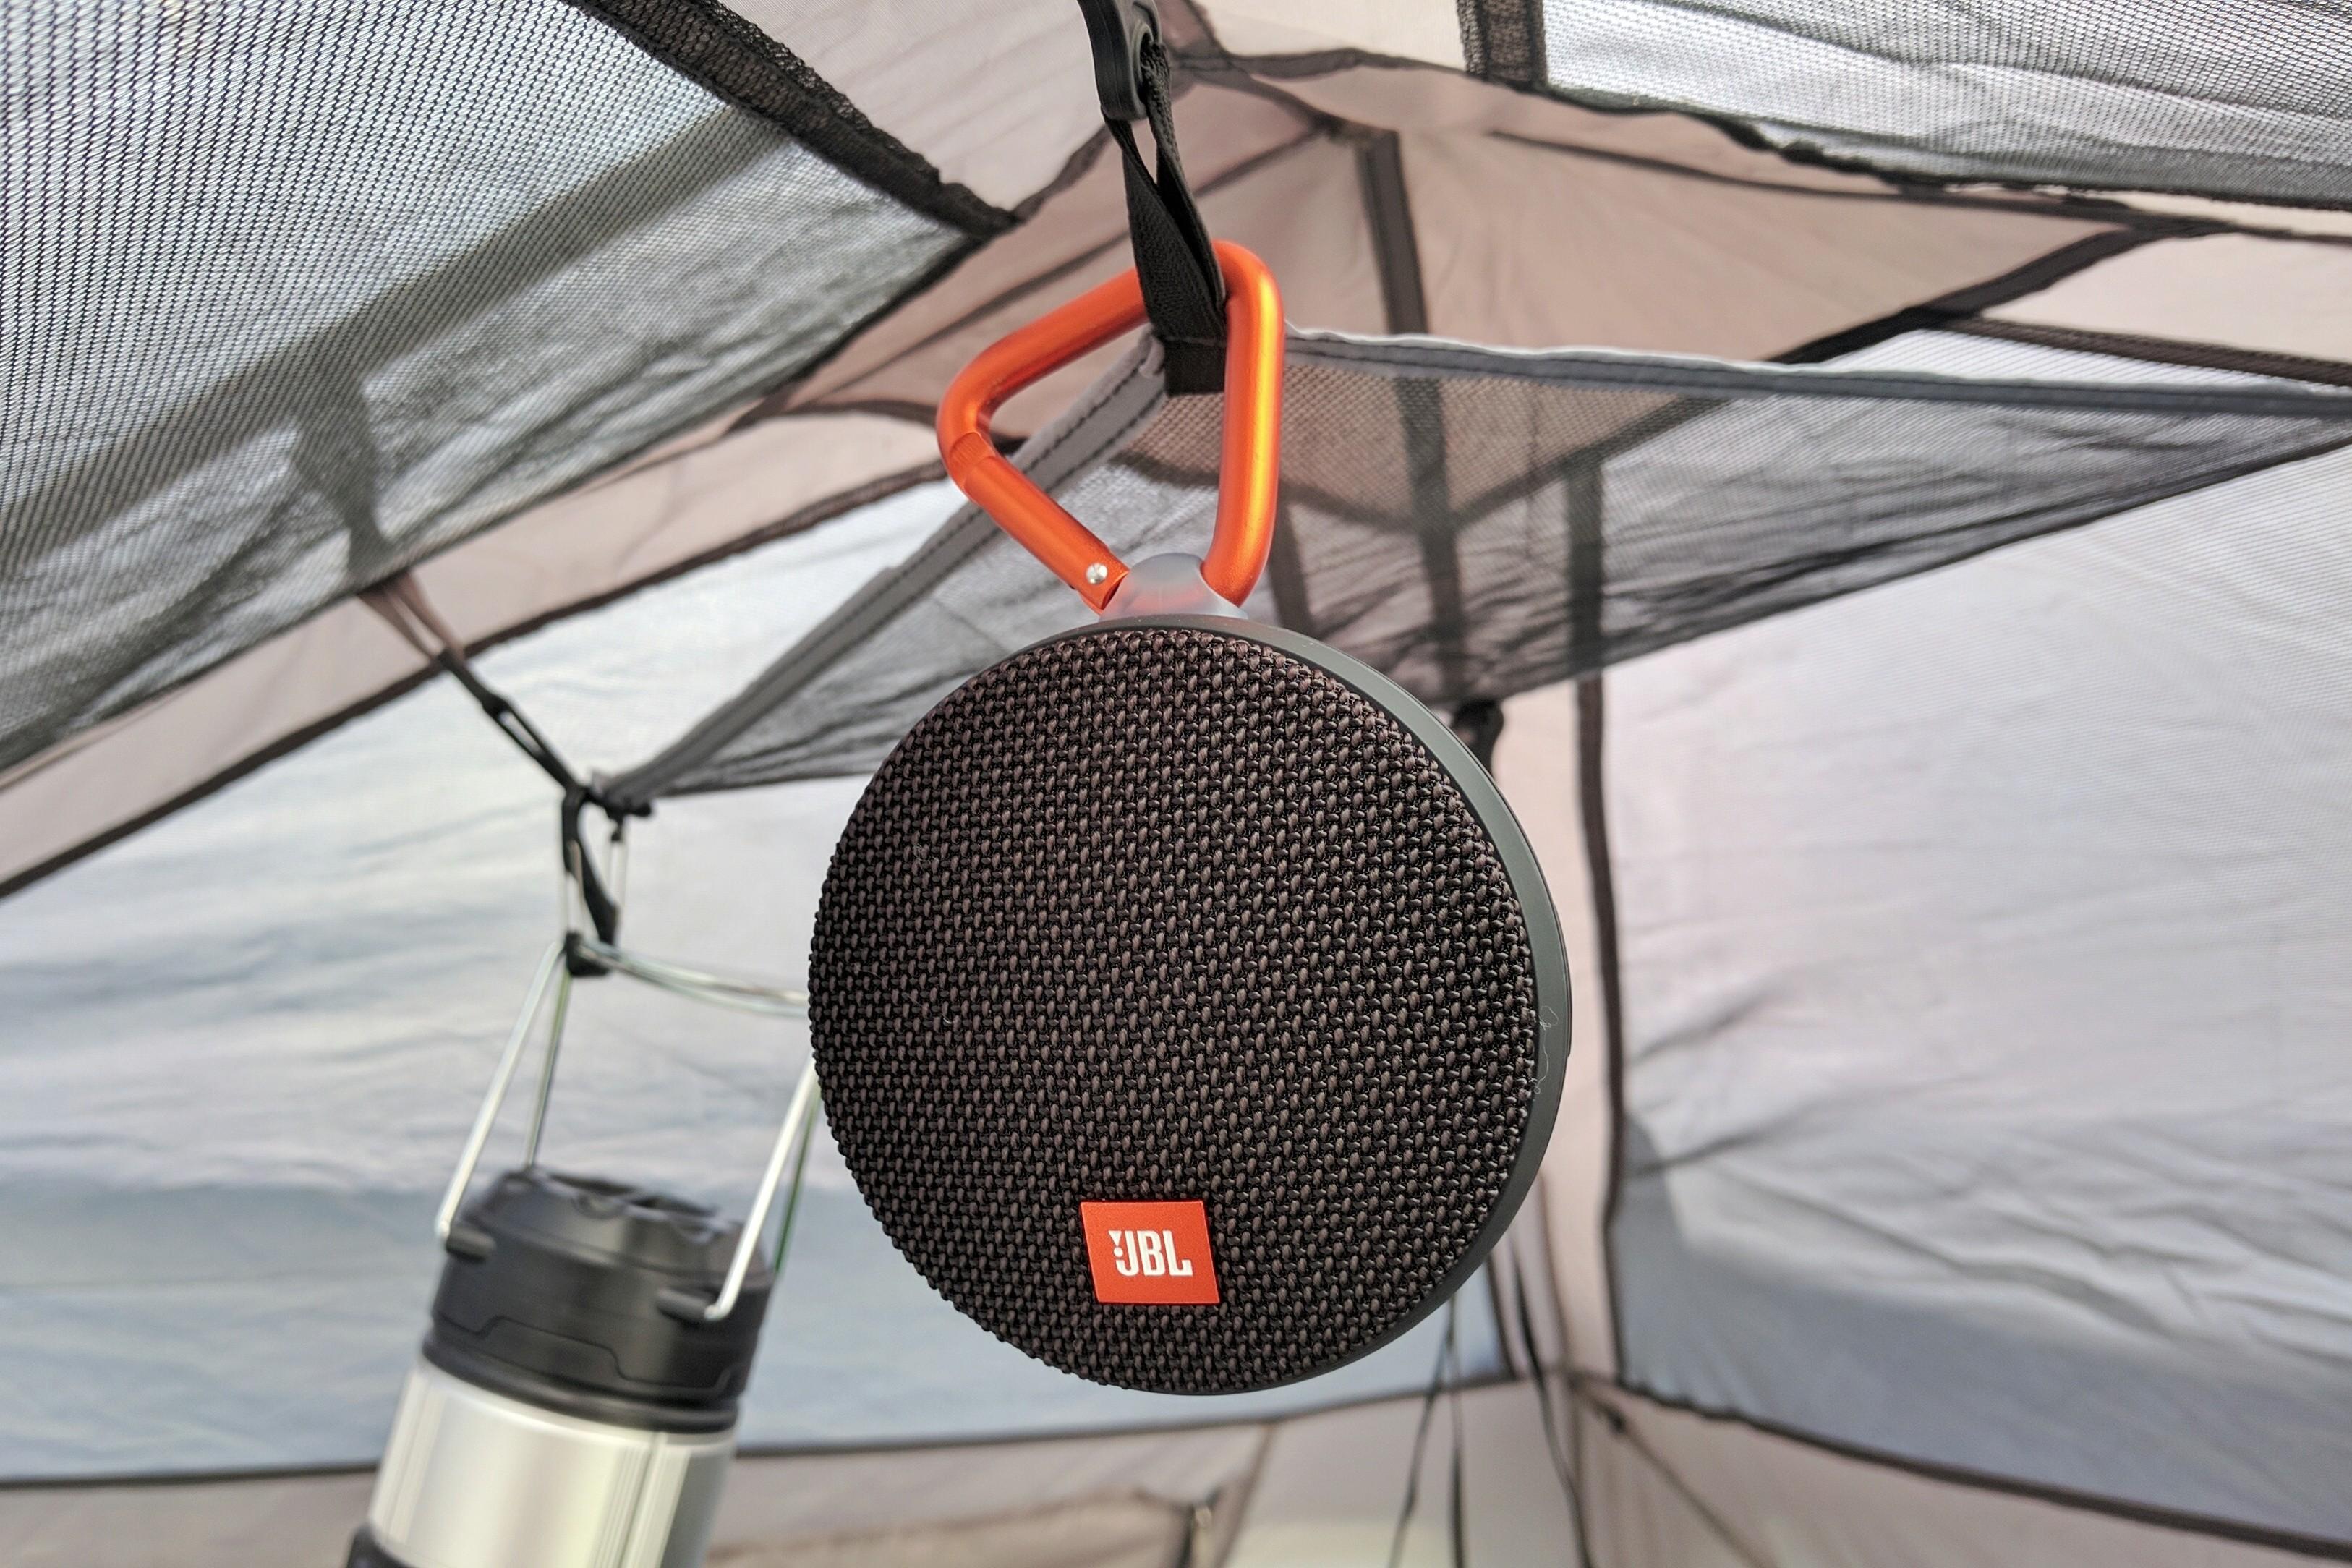 Loa Bluetooth JBL Clip 3 (Pink) kết nối bluetooth tiện lợi